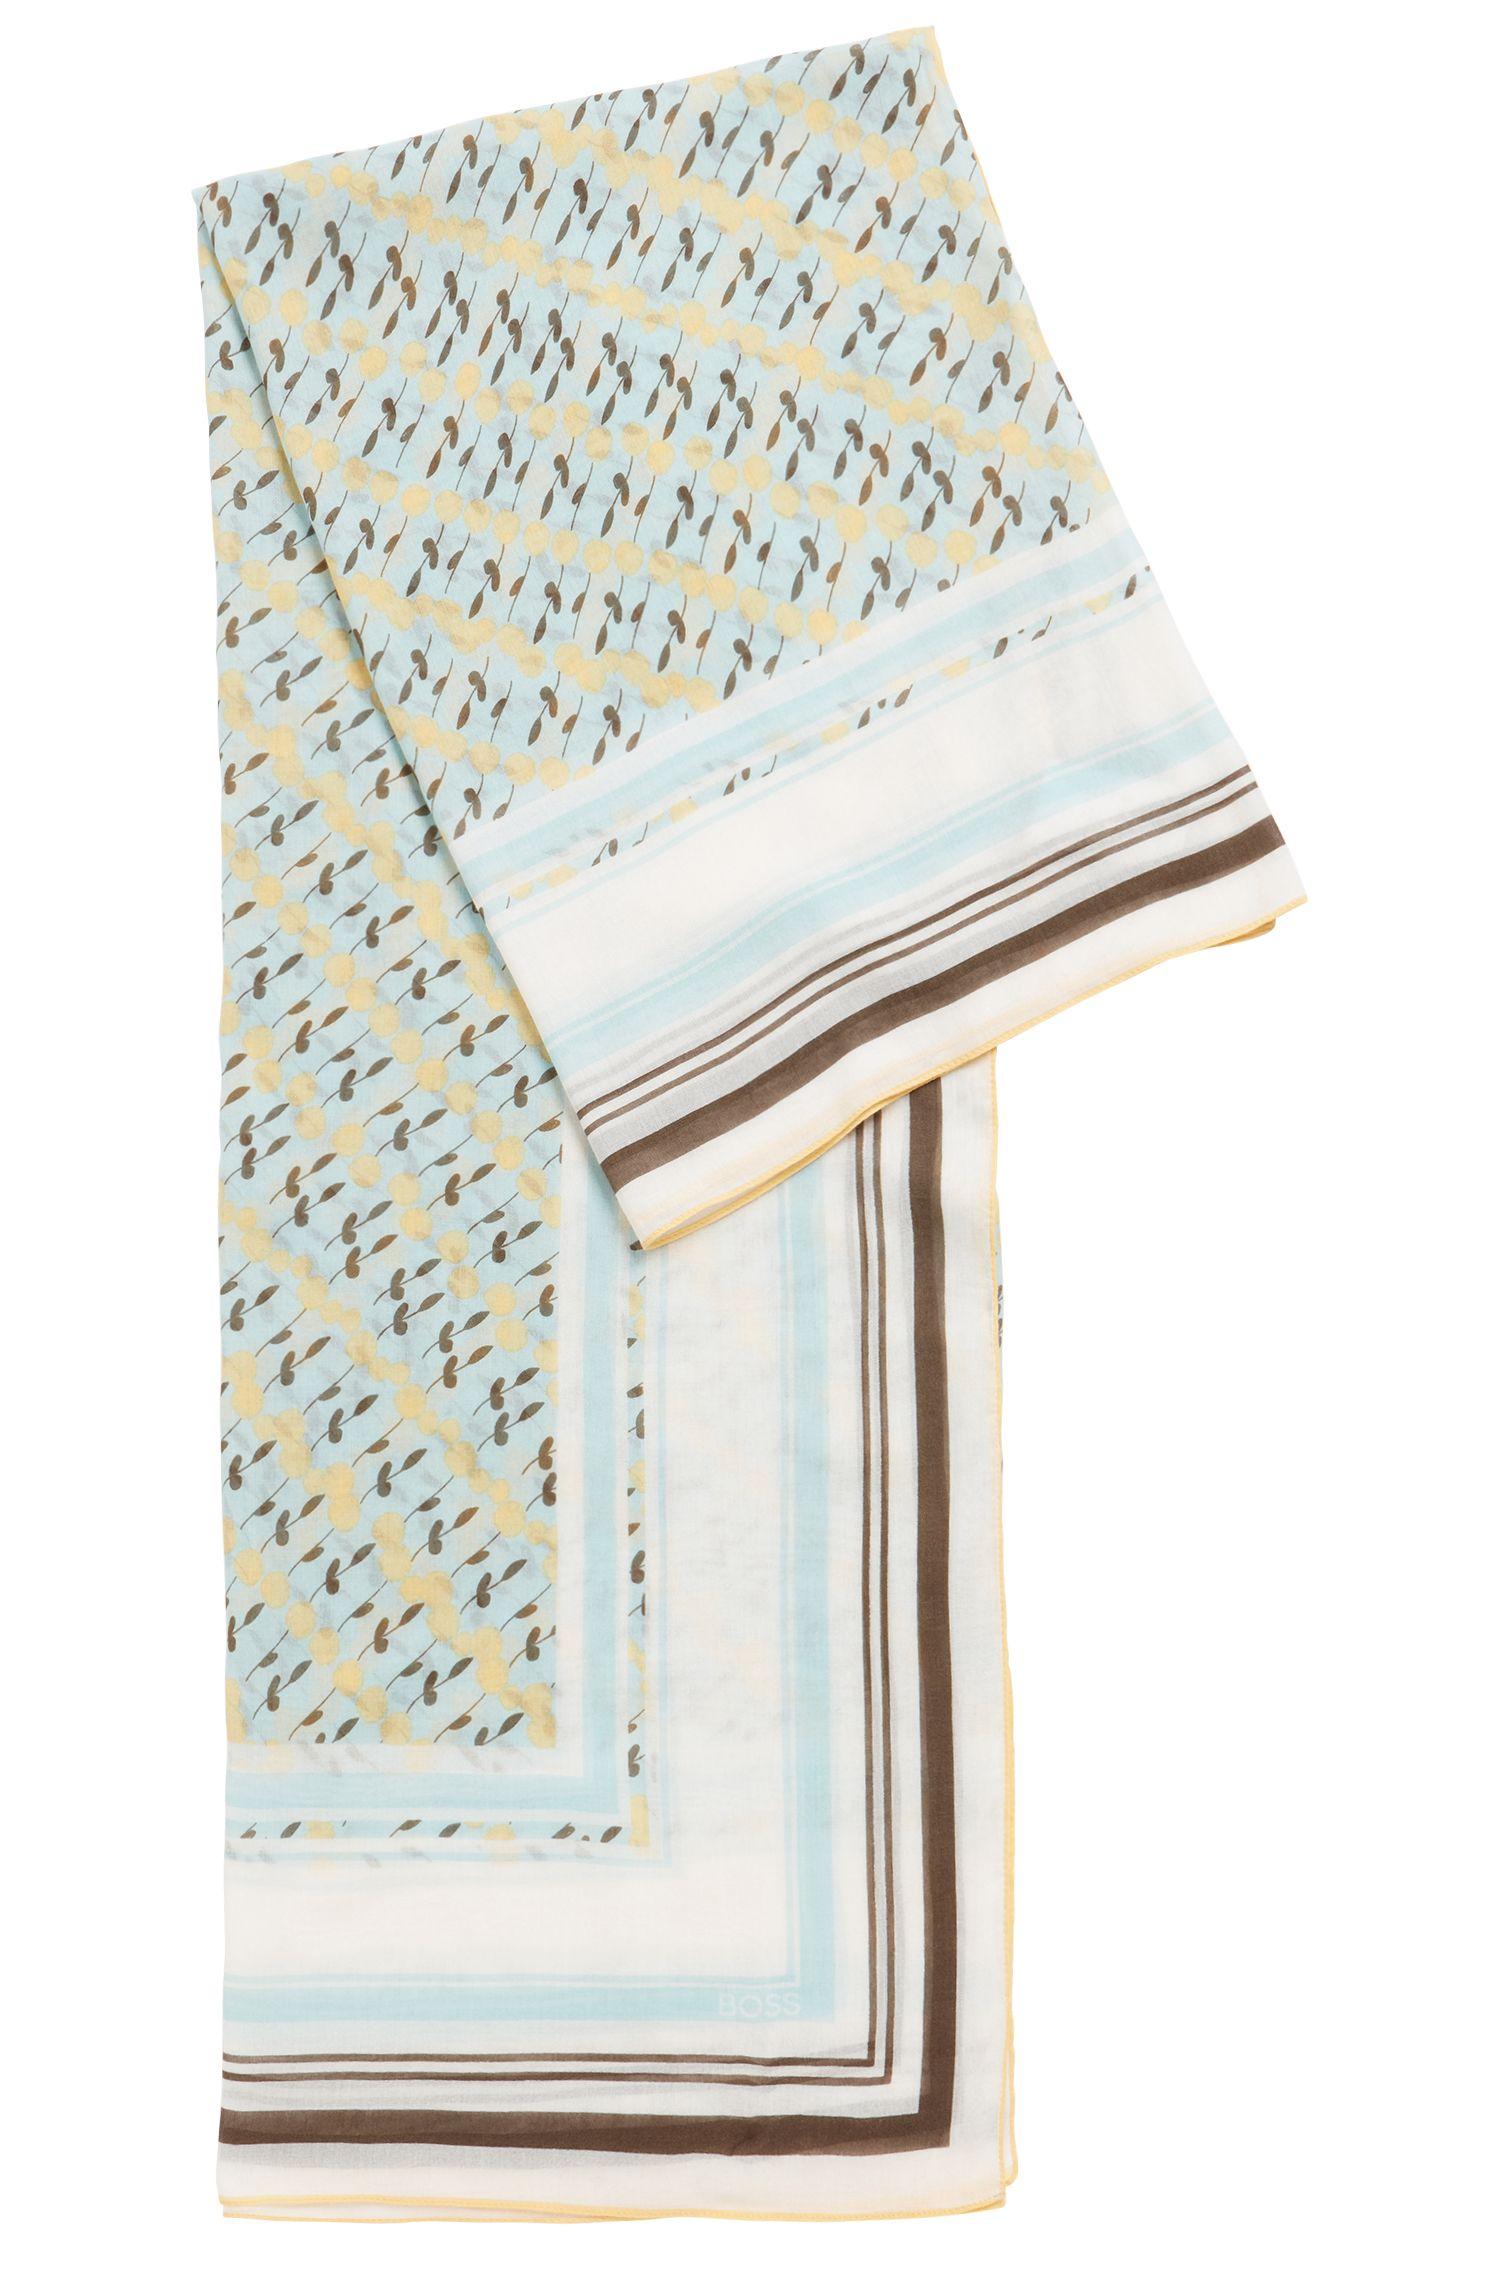 Sciarpa quadrata con stampa a fiori in cotone leggero con modal, A disegni